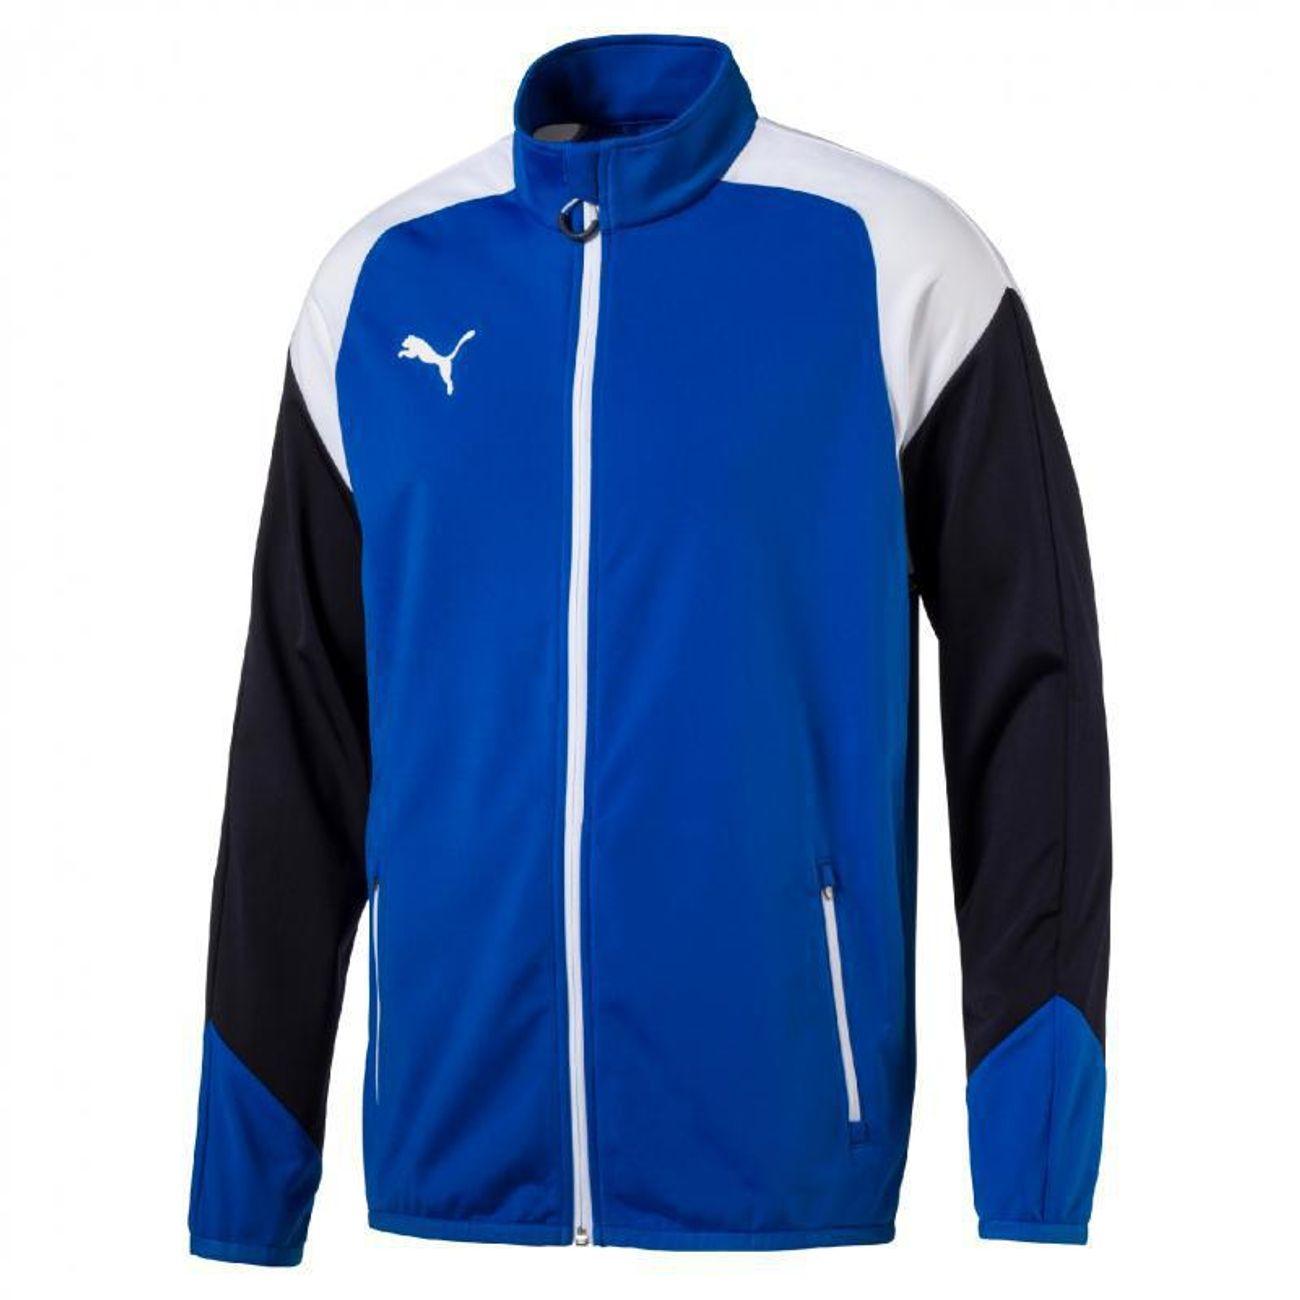 Veste Homme Puma Esito 4 - Tailles au choix (Vendeur tiers)